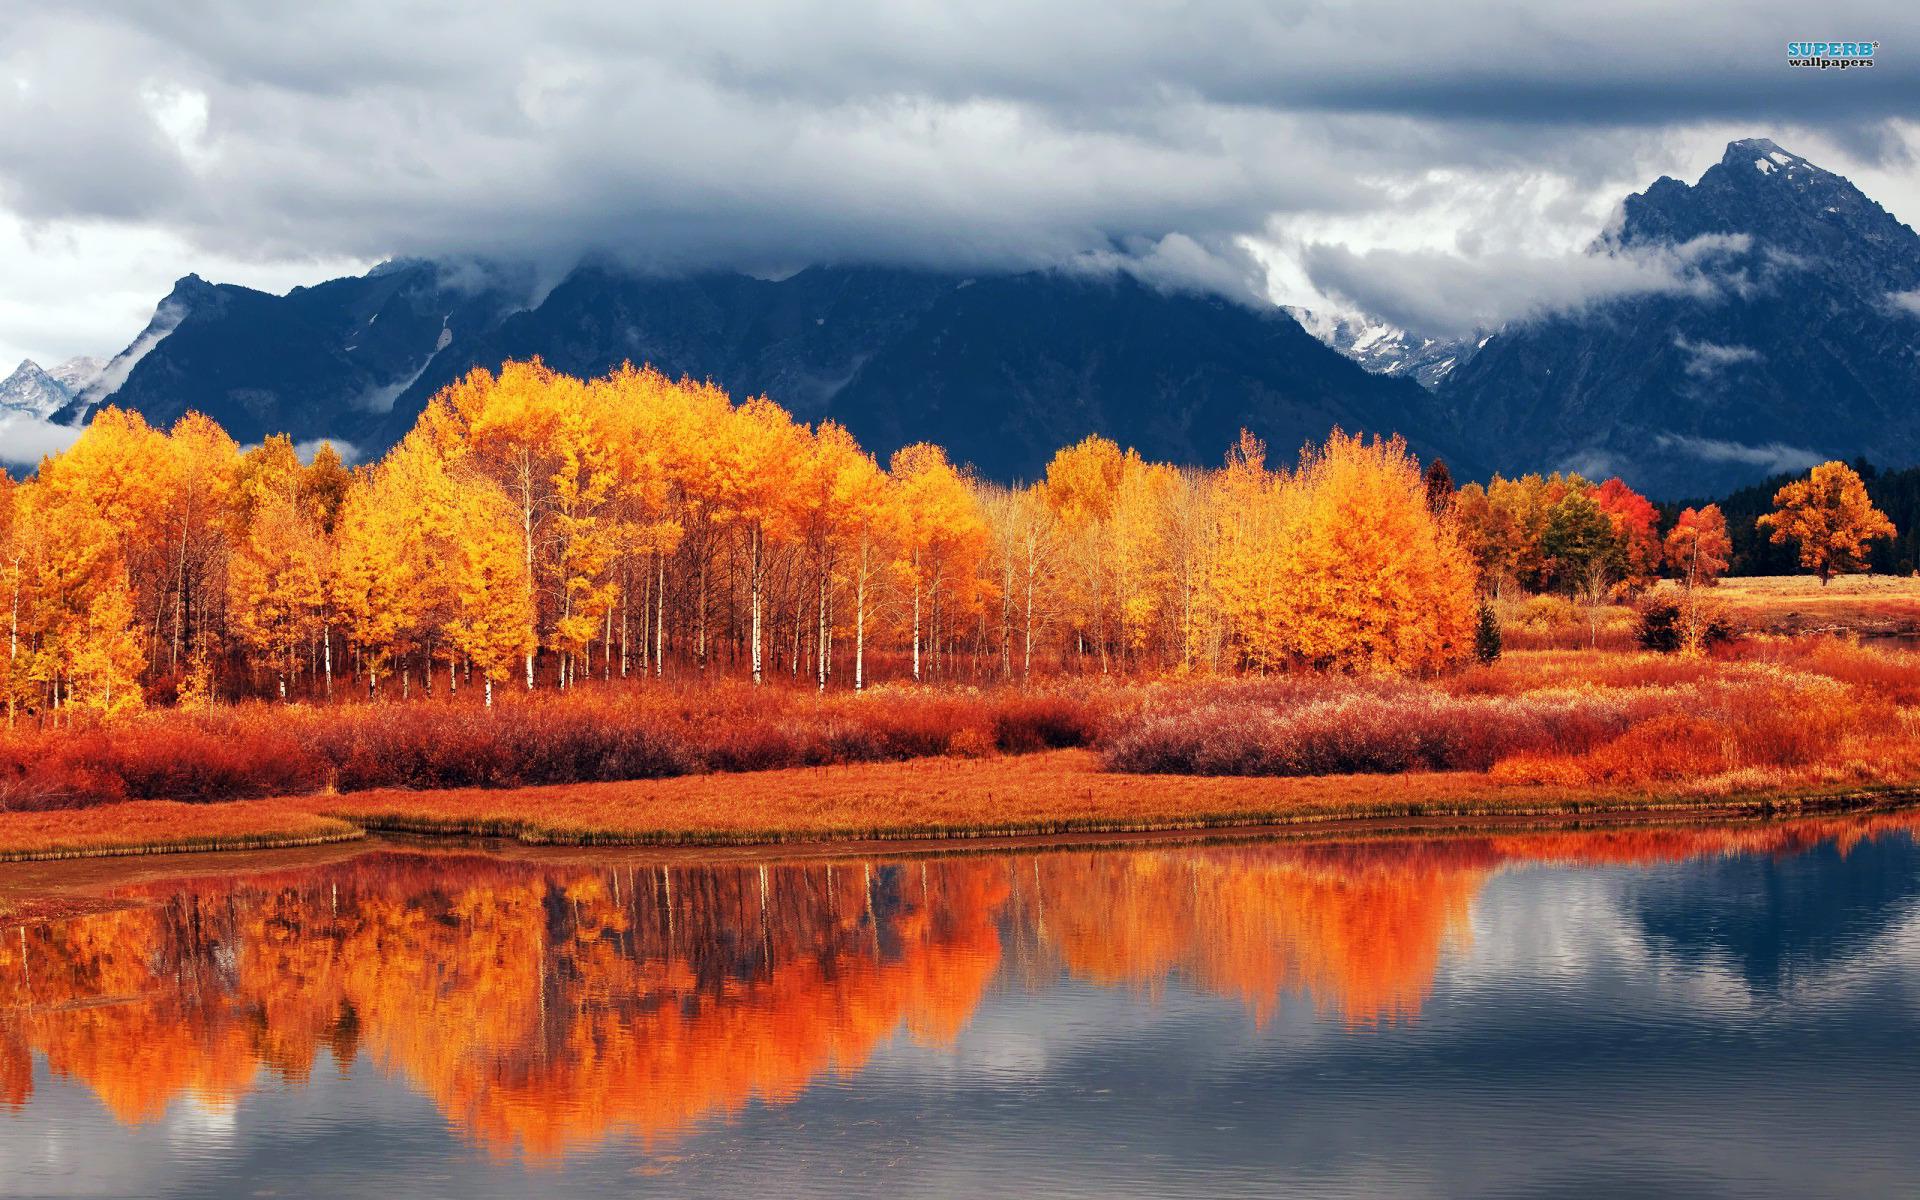 Autumn landscape wallpaper 1920x1200 jpg